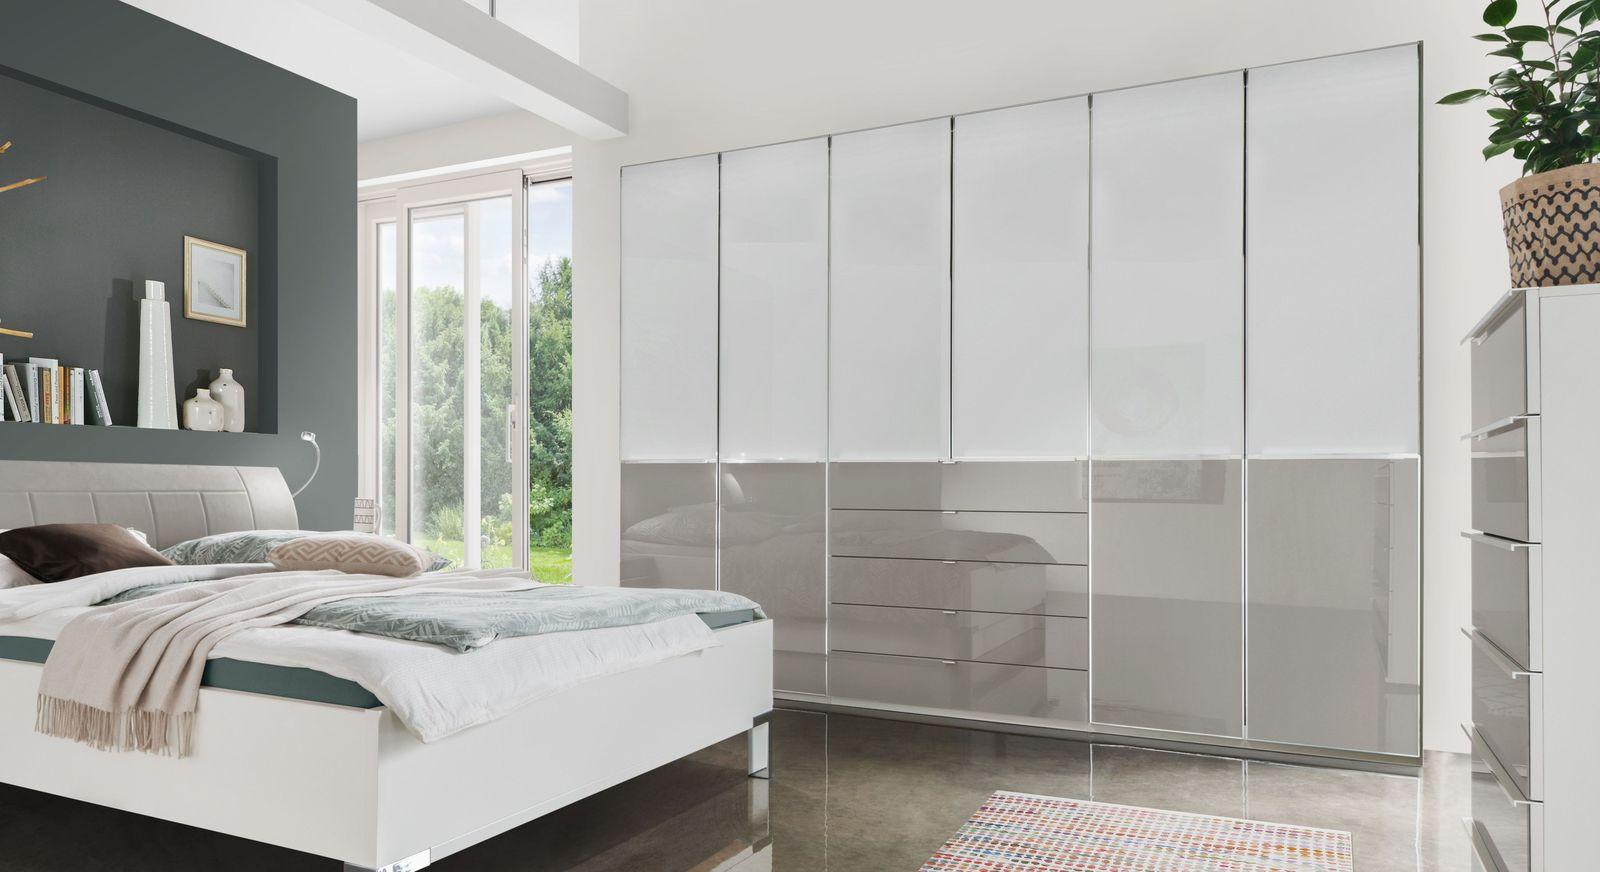 Funktions-Kleiderschrank Shanvalley in Weiß und Kieselgrau